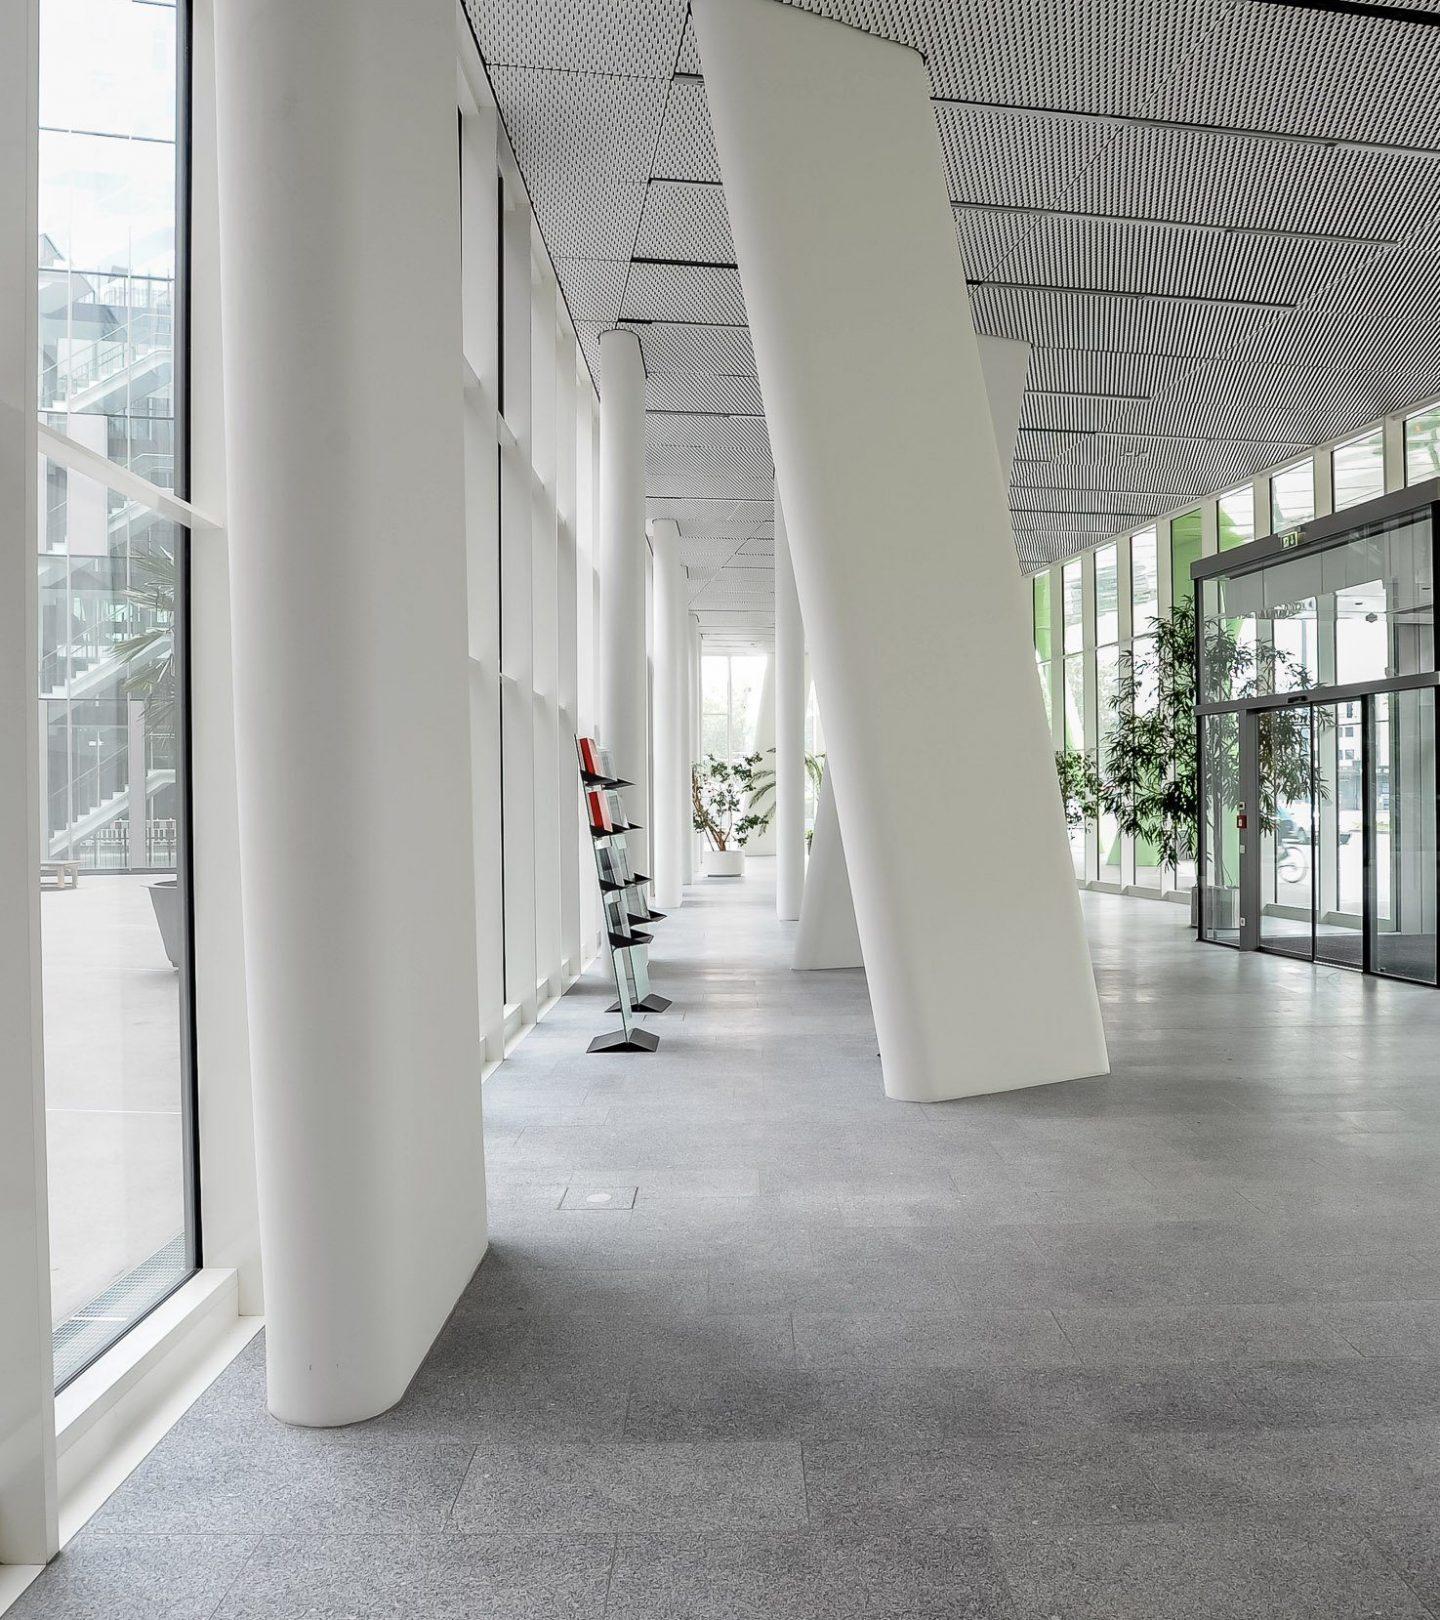 Regionalfonds Baden-Württemberg - Innenansicht Eingangsbereich